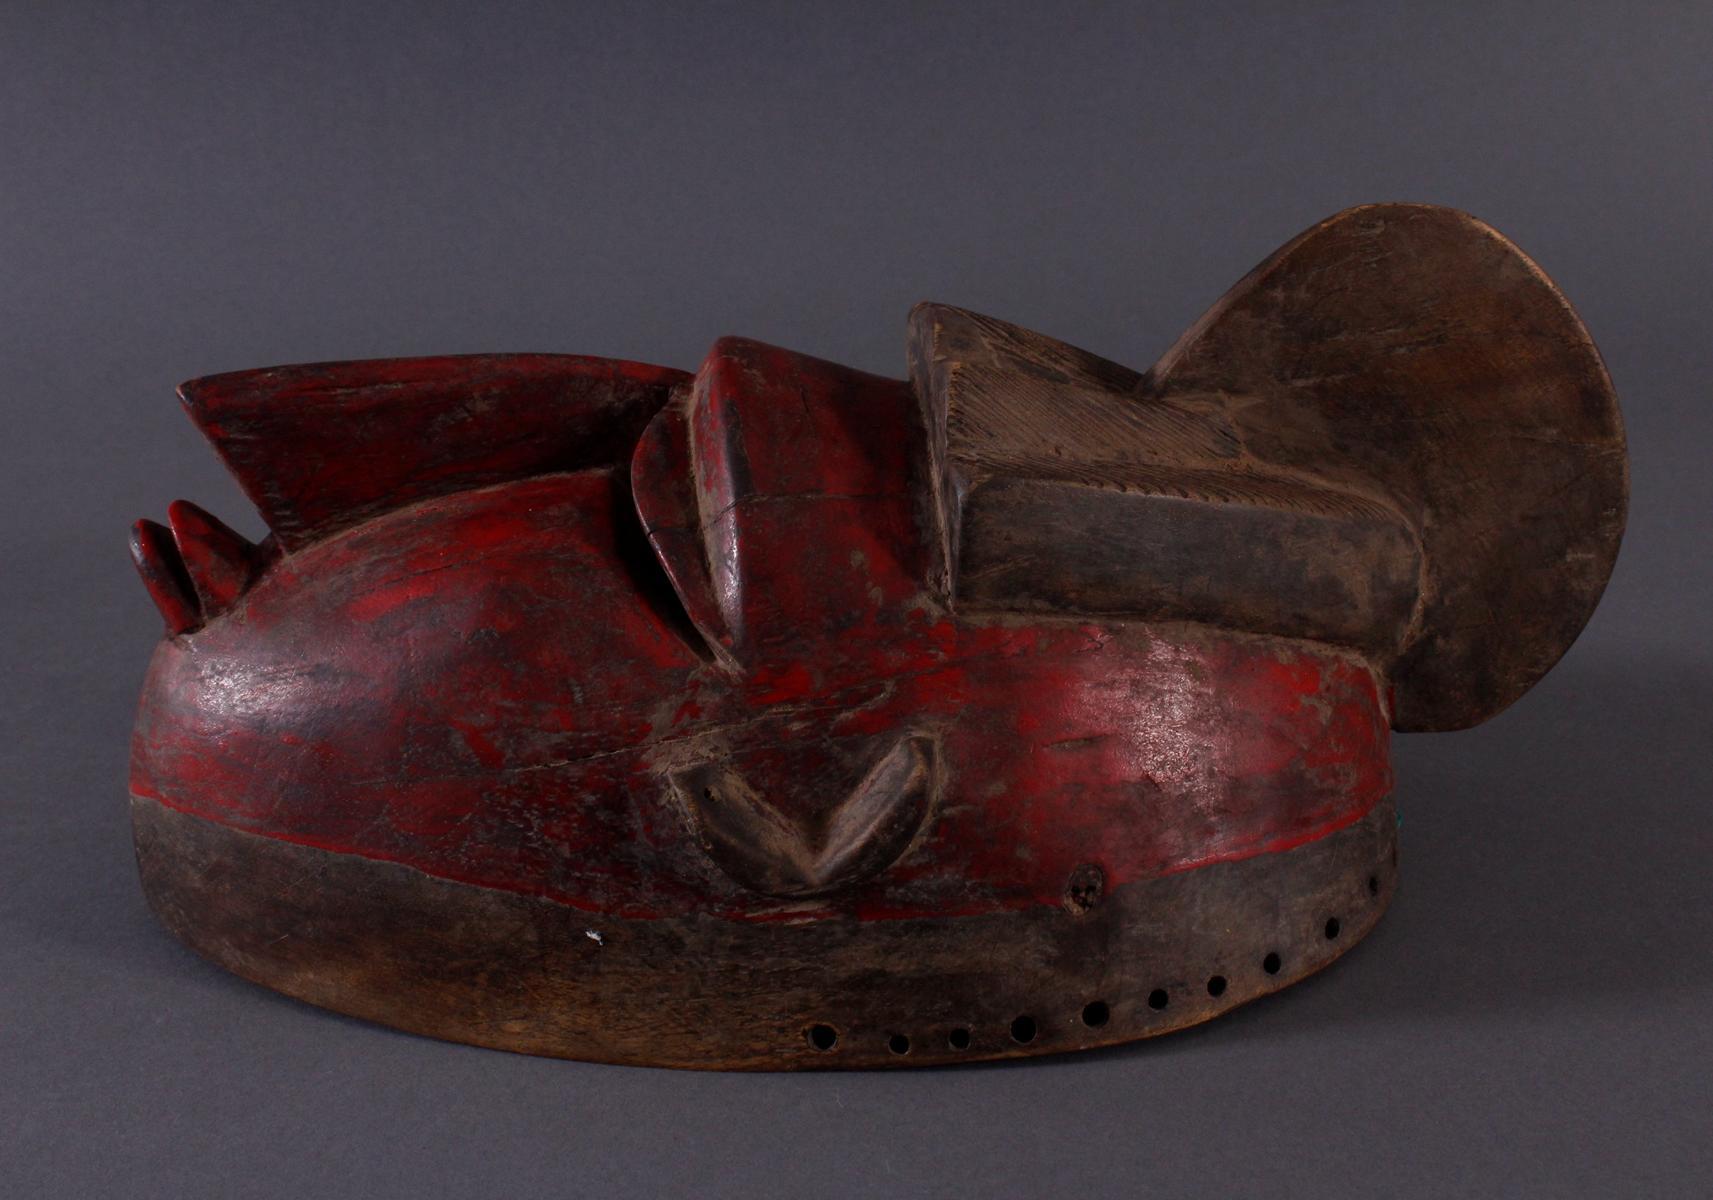 Antike Maske der Baule, Elfenbeinküste 1. Hälfte 20. Jh.Holz geschnitzt, dunkle Patina, partiell rot - Bild 3 aus 6